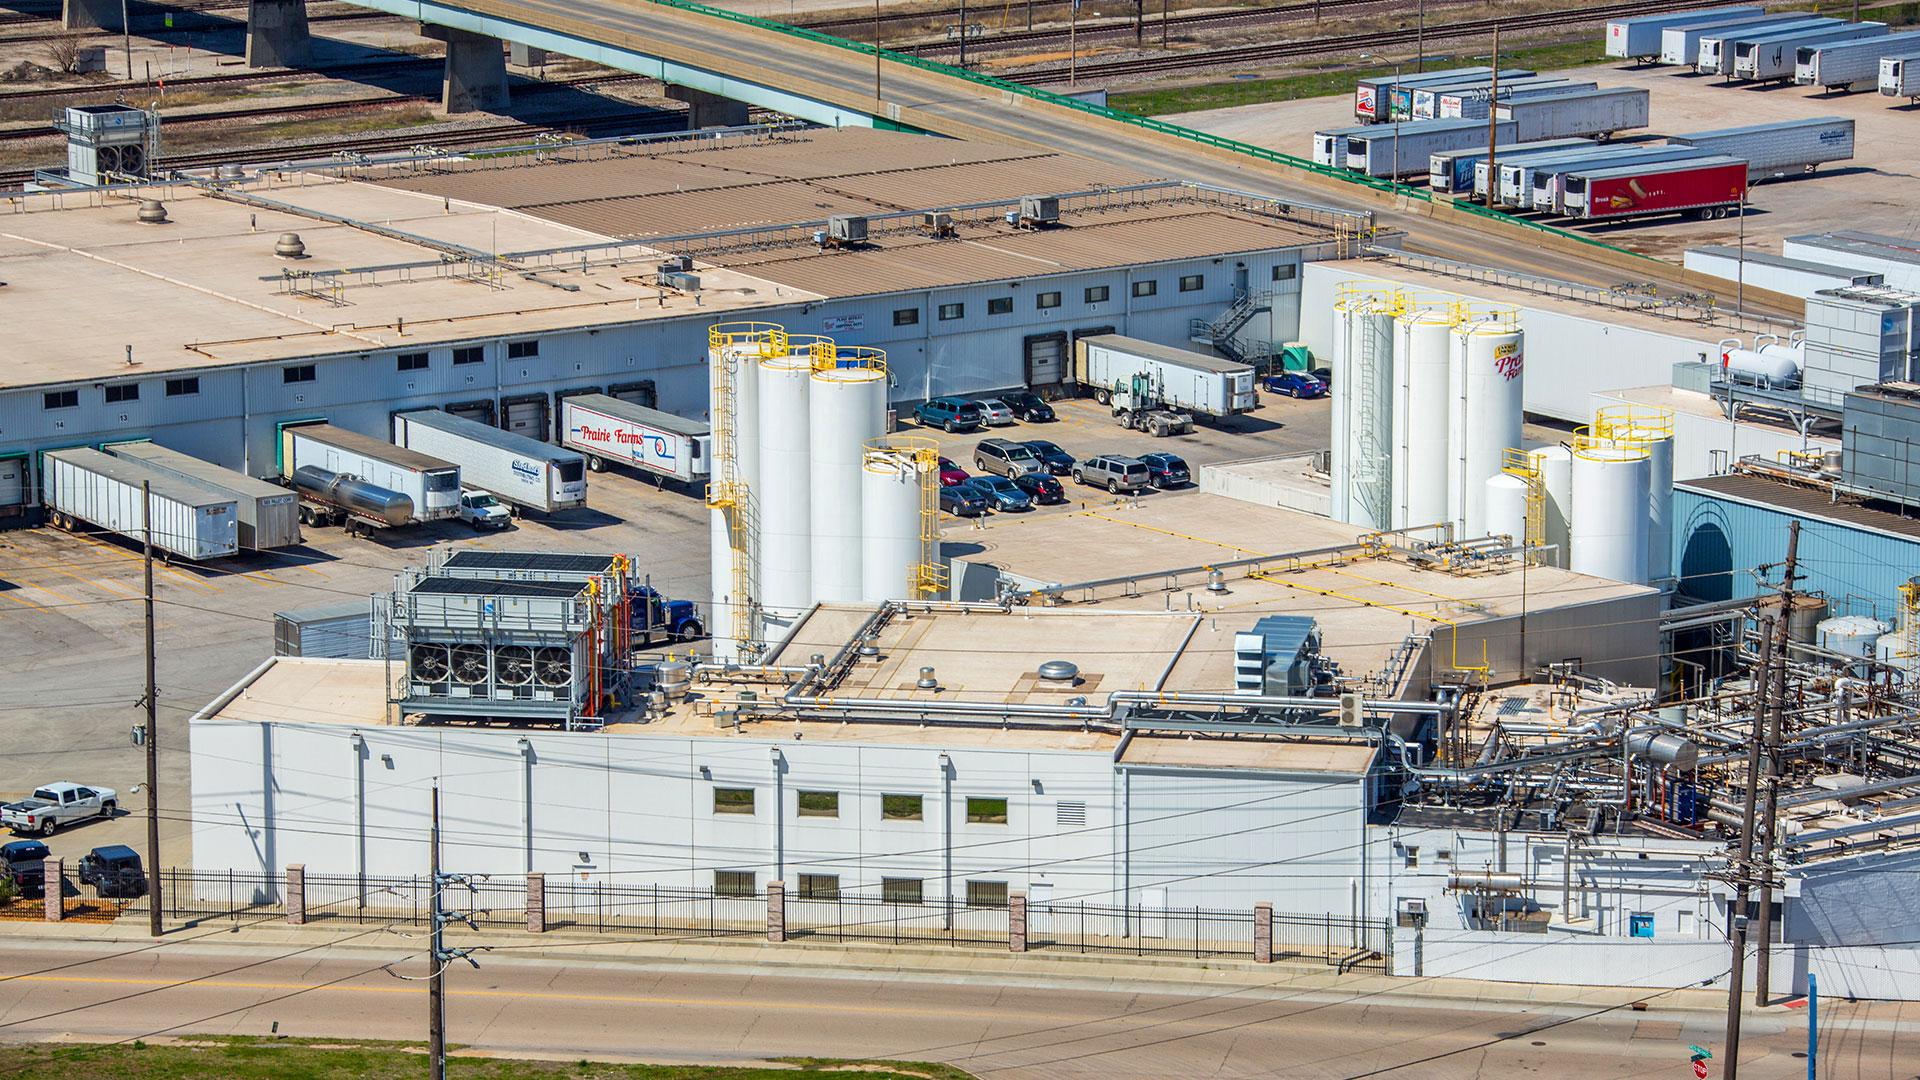 Prairie Farms Dairy